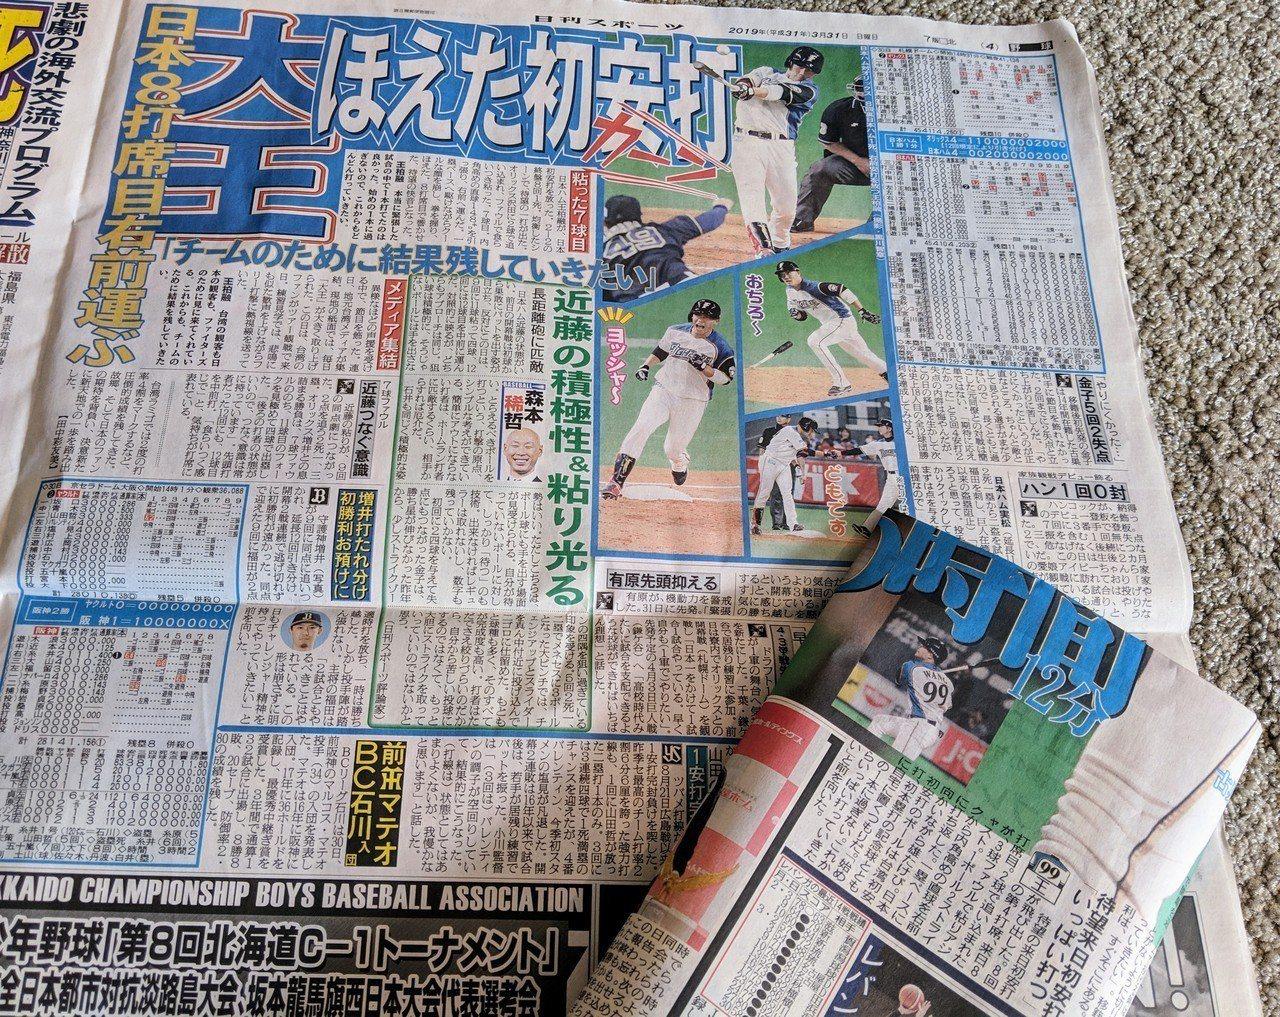 「大王」王柏融敲出日職生涯首安,日本媒體大篇幅報導。特派記者蘇志畬/日本札幌攝影